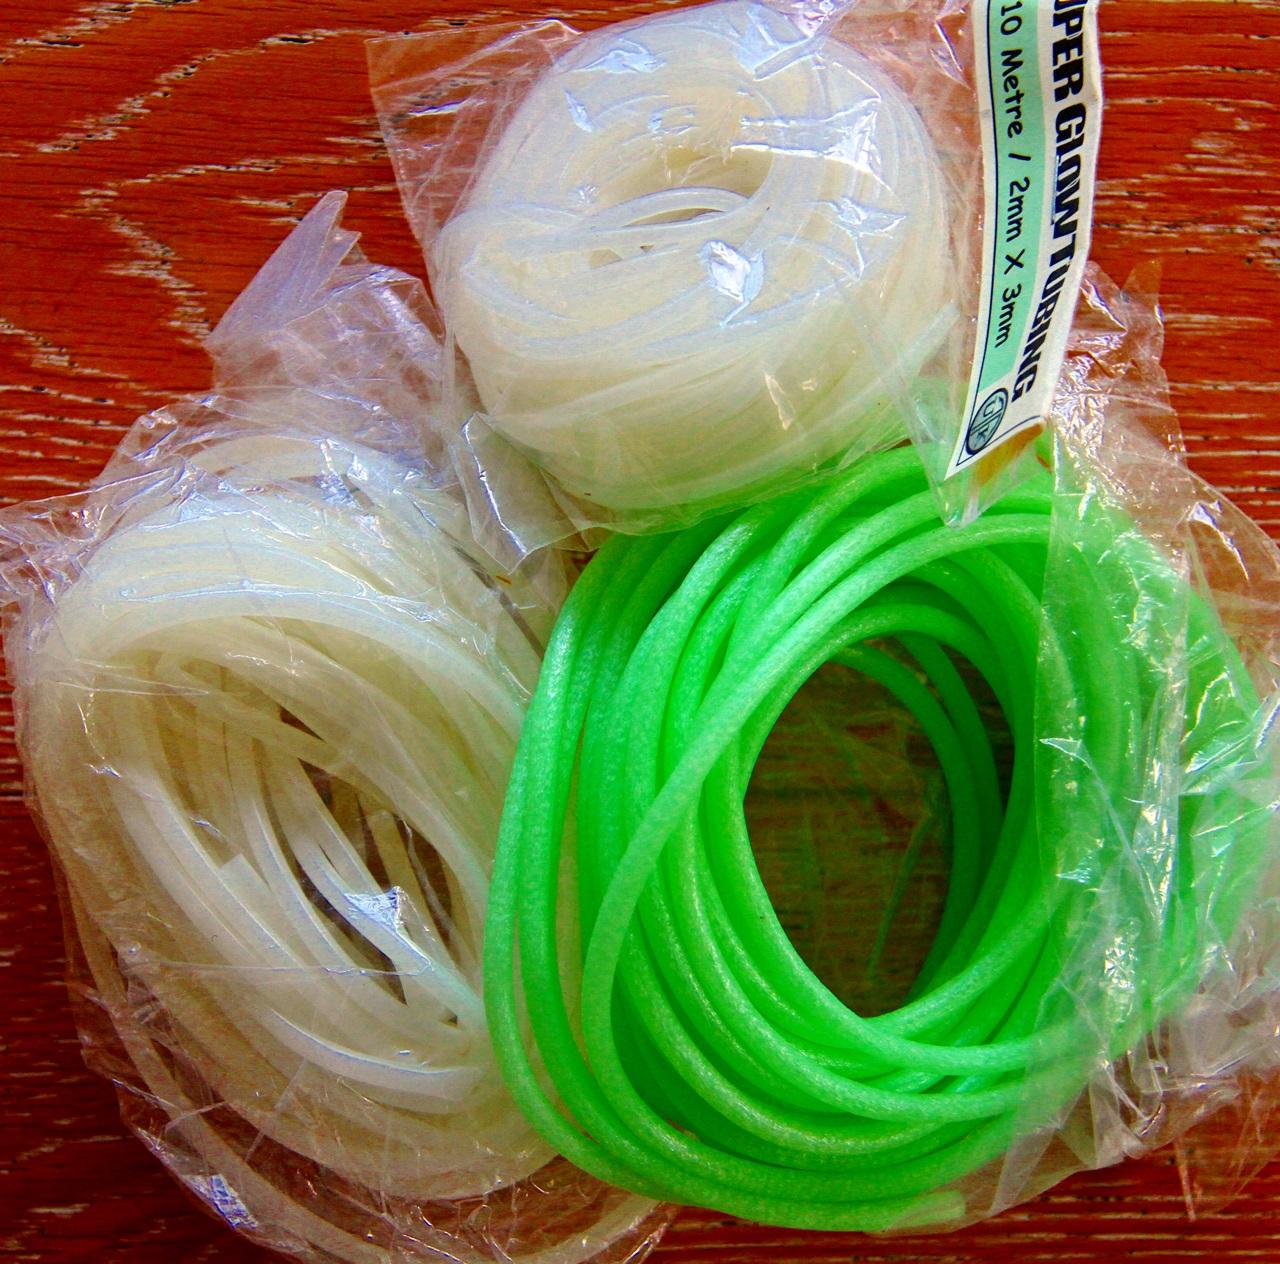 Du finner mange selvlysene (fosforiserende) produkter du kan bruke som attraktor, her slange